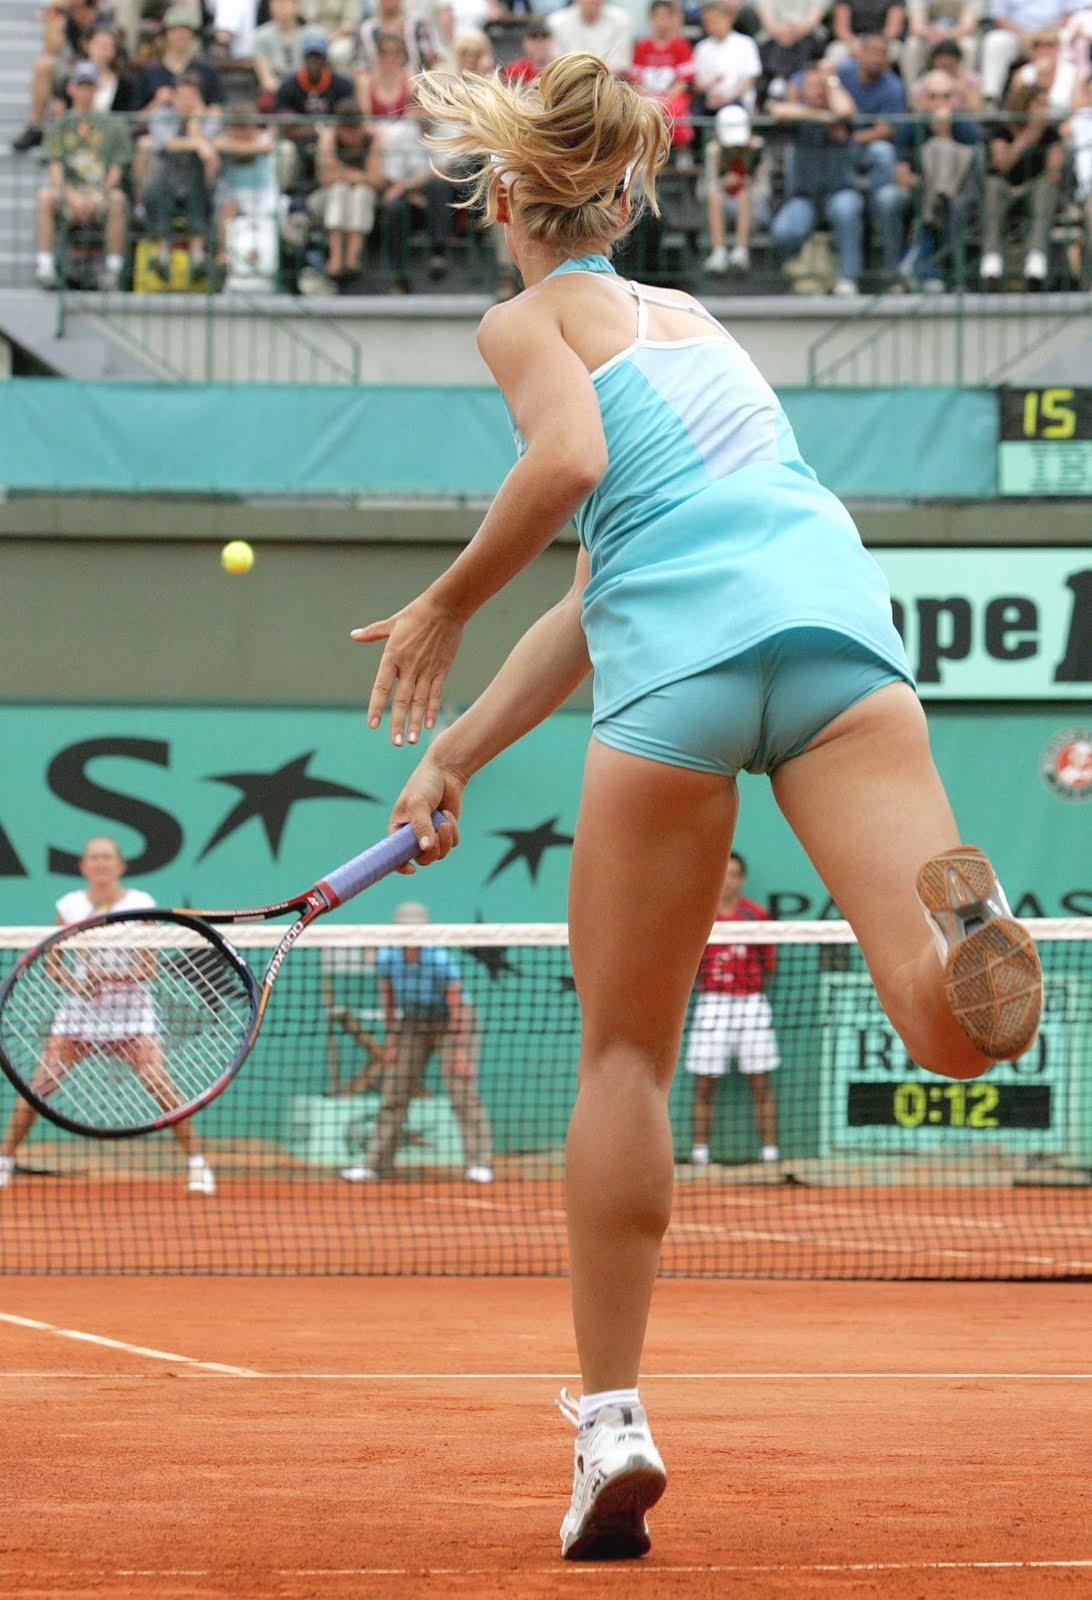 http://3.bp.blogspot.com/_p18PR-OlDsE/S-oQmZxZvqI/AAAAAAAAA9Q/gs3WyfYM4hQ/s1600/elena+dementieva+calves+legs+muscle+calf+tennis.jpg